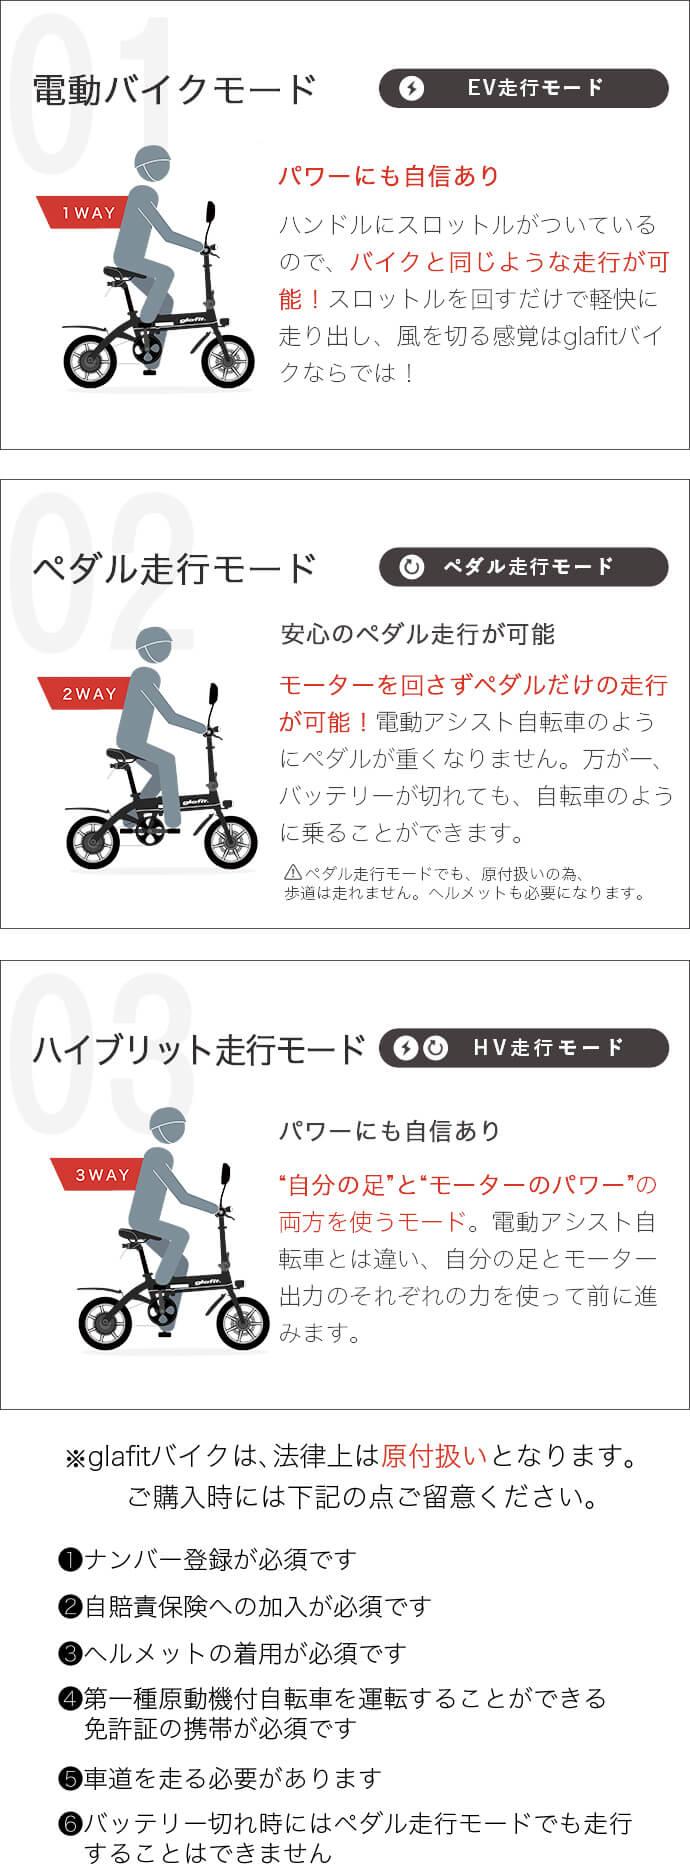 """電動バイクモード EV走行モード パワーにも自信あり ハンドルにスロットルがついているので、バイクと同じような走行が可能!スロットルを回すだけで軽快に走り出し、風を切る感覚はglafitバイクならでは! ペダル走行モード 安心のペダル走行が可能 モーターを回さずペダルだけの走行が可能!電動アシスト自転車のようにペダルが重くなりません。万が一、バッテリーが切れても、自転車のように乗ることができます。  ペダル走行モードでも、原付扱いの為、歩道は走れません。ヘルメットも必要になります。 イブリット走行モード パワーにも自信あり """"自分の足""""と""""モーターのパワー""""の両方を使うモード。電動アシスト自転車とは違い、自分の足とモーター出力のそれぞれの力を使って前に進みます。 ※glafitバイクは、法律上は原付扱いとなります。 ご購入時には下記の点ご留意ください。 1ナンバー登録が必須です 2自賠責保険への加入が必須です 3ヘルメットの着用が必須です 4第一種原動機付自転車を運転することができる免許の携帯が必須です 5車道を走る必要があります 6バッテリー切れ時にはペダル走行モードでも走行することはできません"""